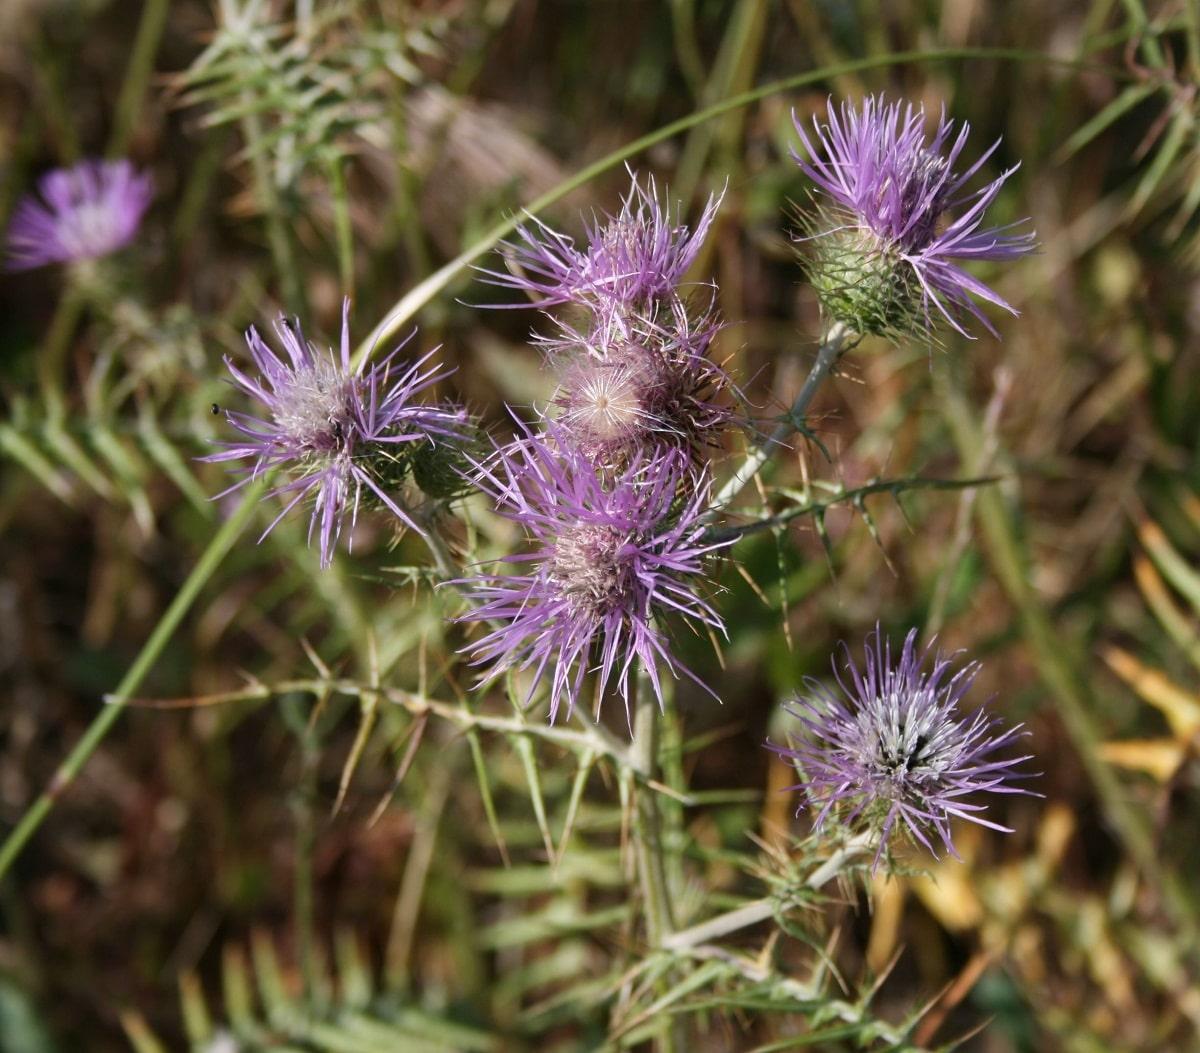 arbusto con flores de un color morado